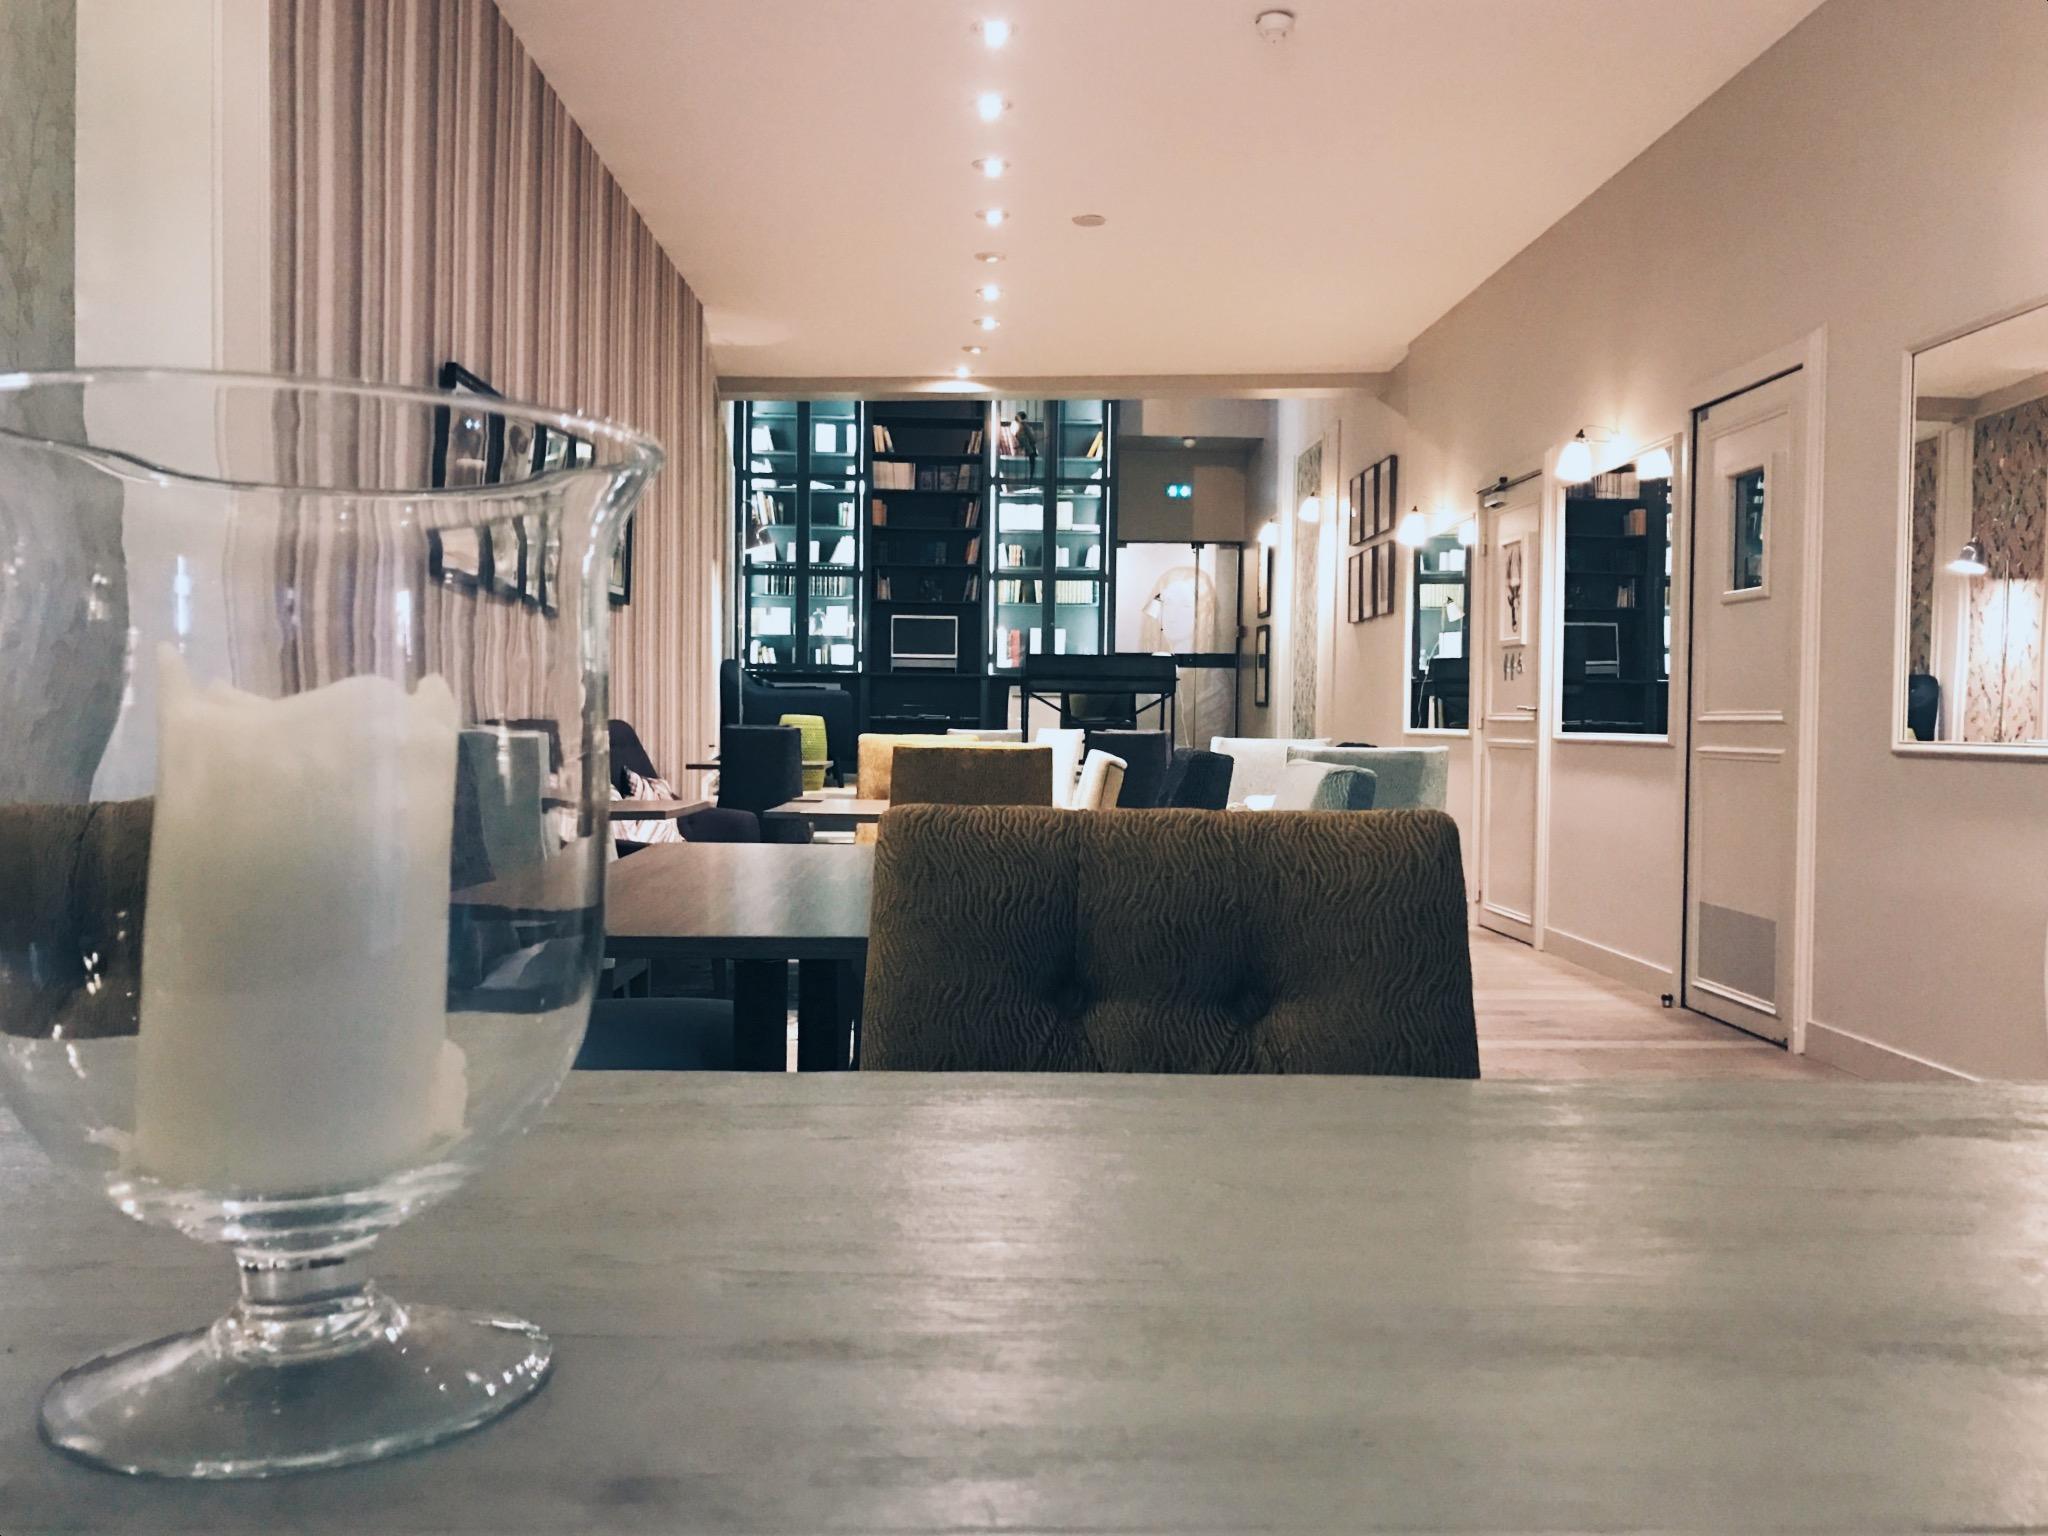 Hotel-Flaubert-Réception